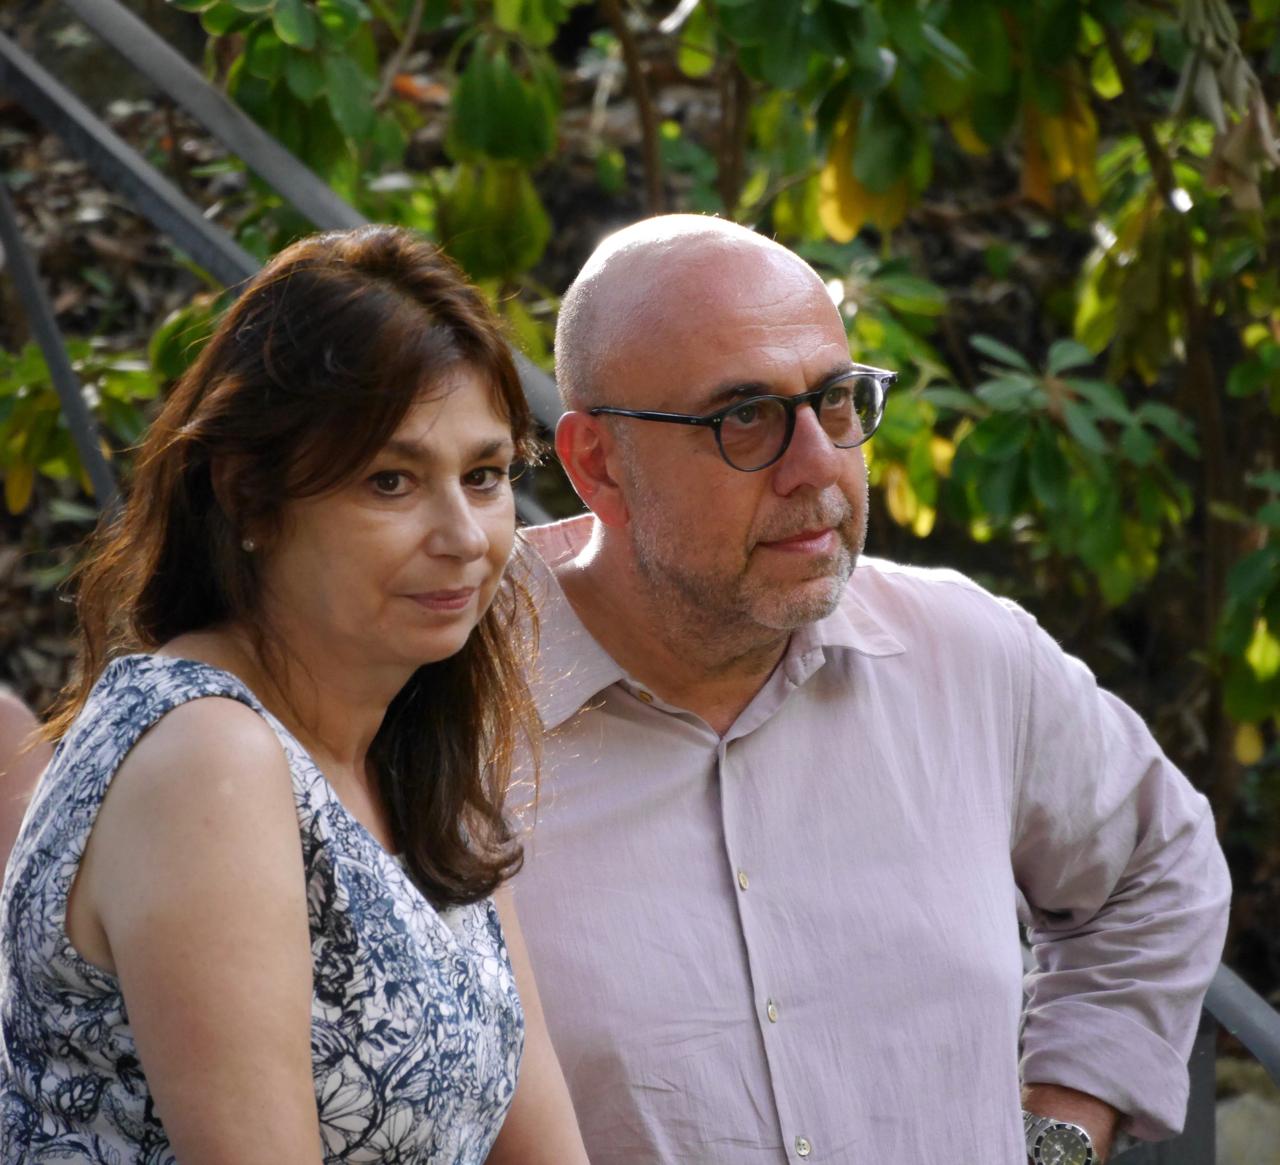 Paol Virzì e Francesca Archibugi a Castiglioncello